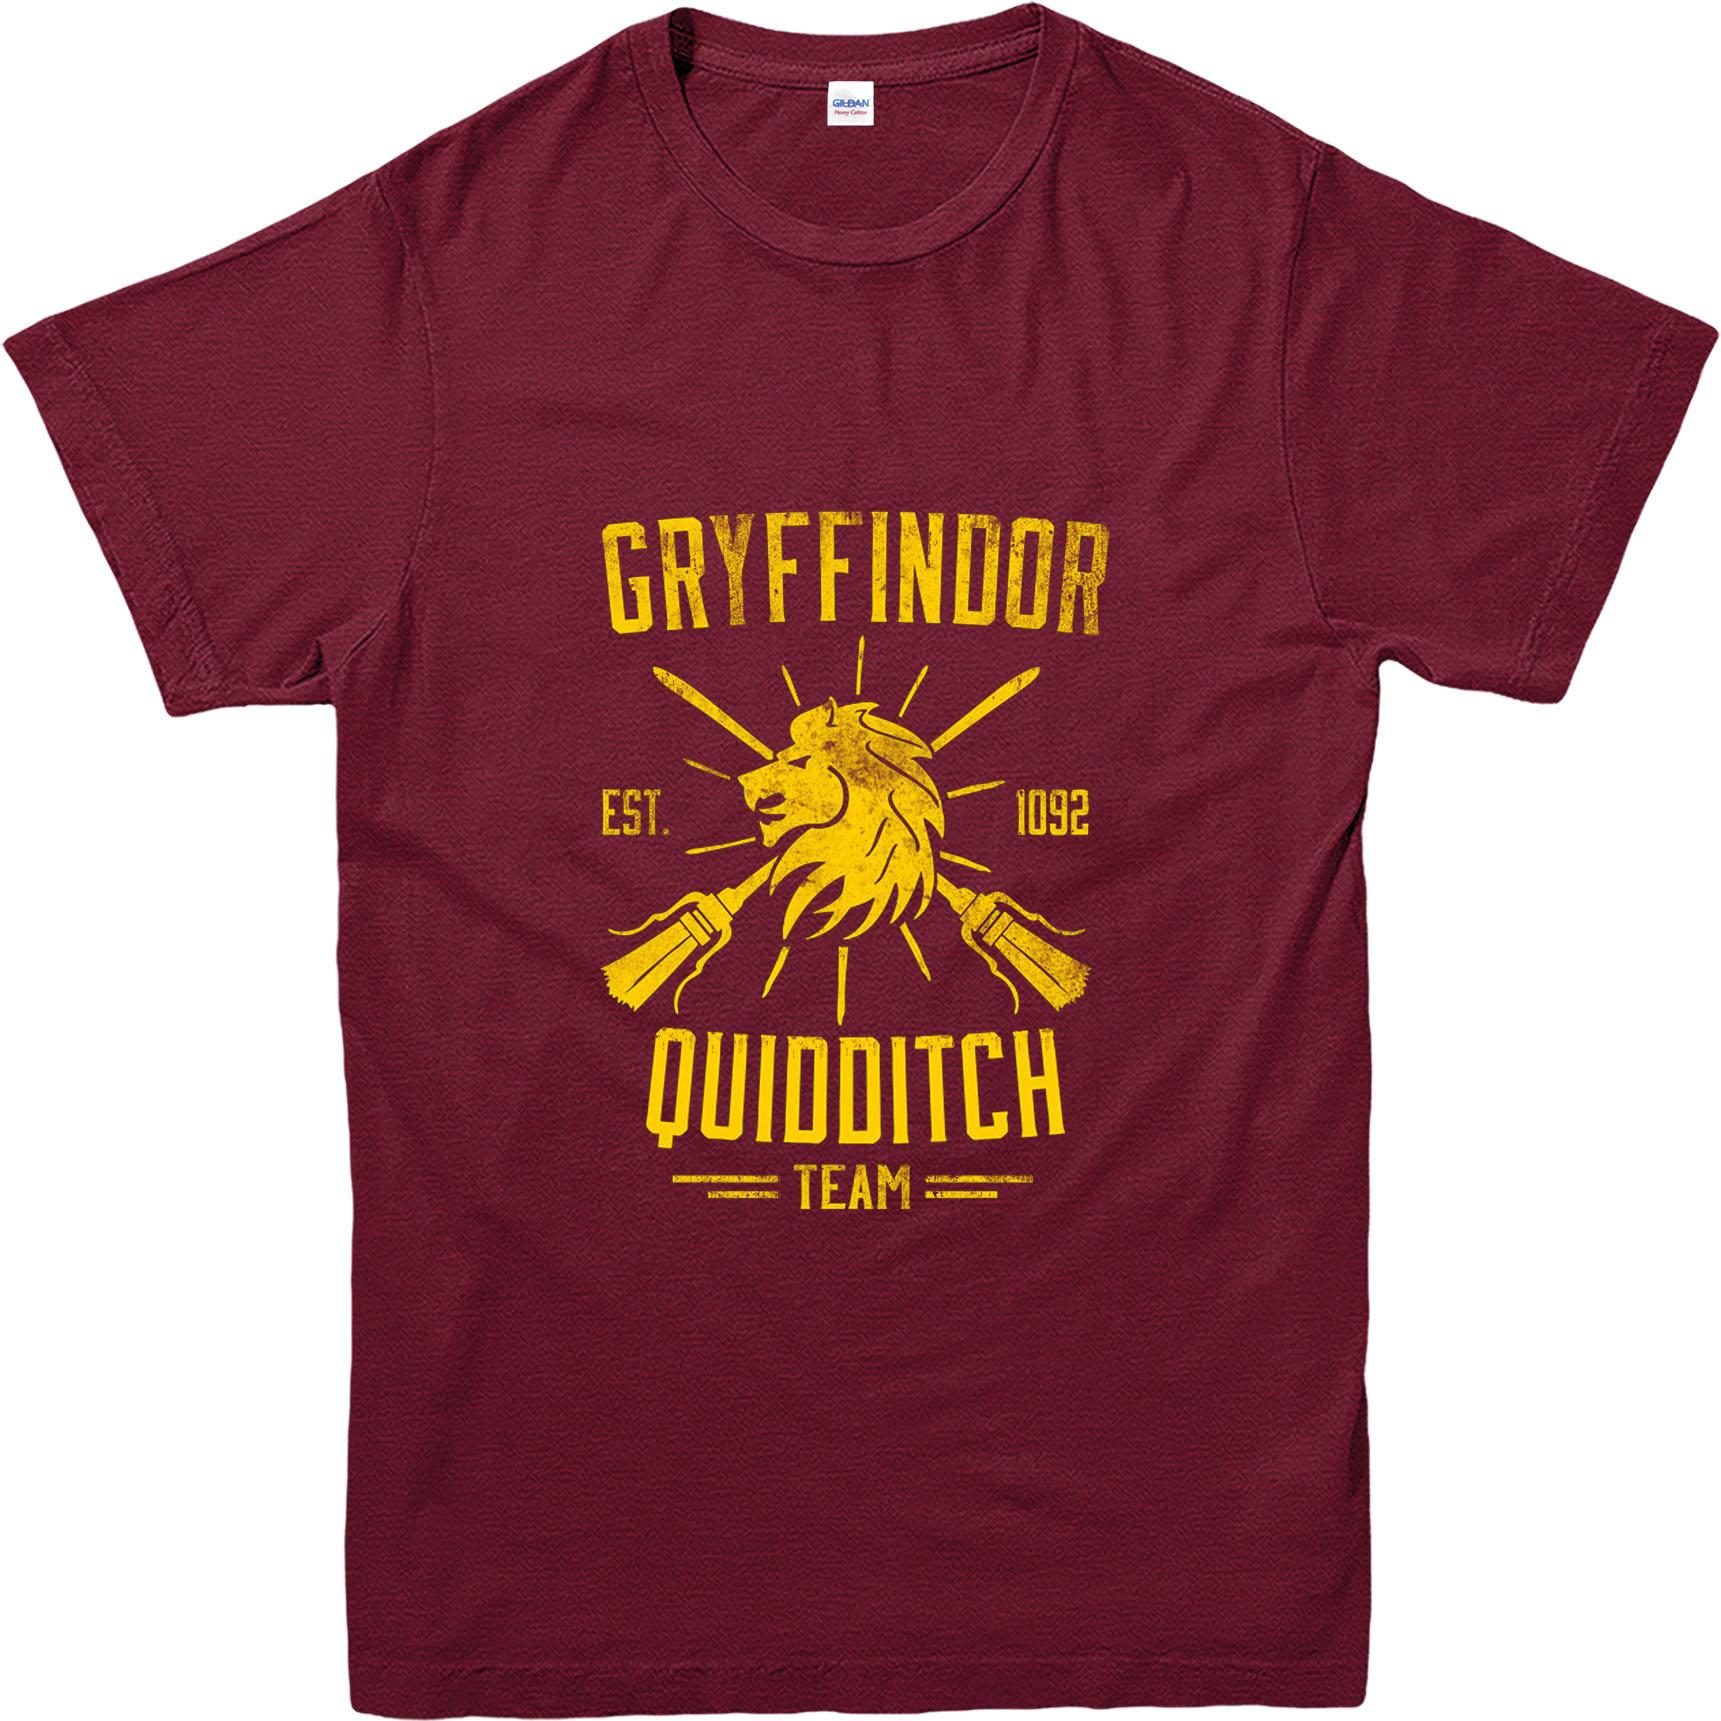 harry potter t shirt quidditch team gryffindor t shirt inspired design top ebay. Black Bedroom Furniture Sets. Home Design Ideas